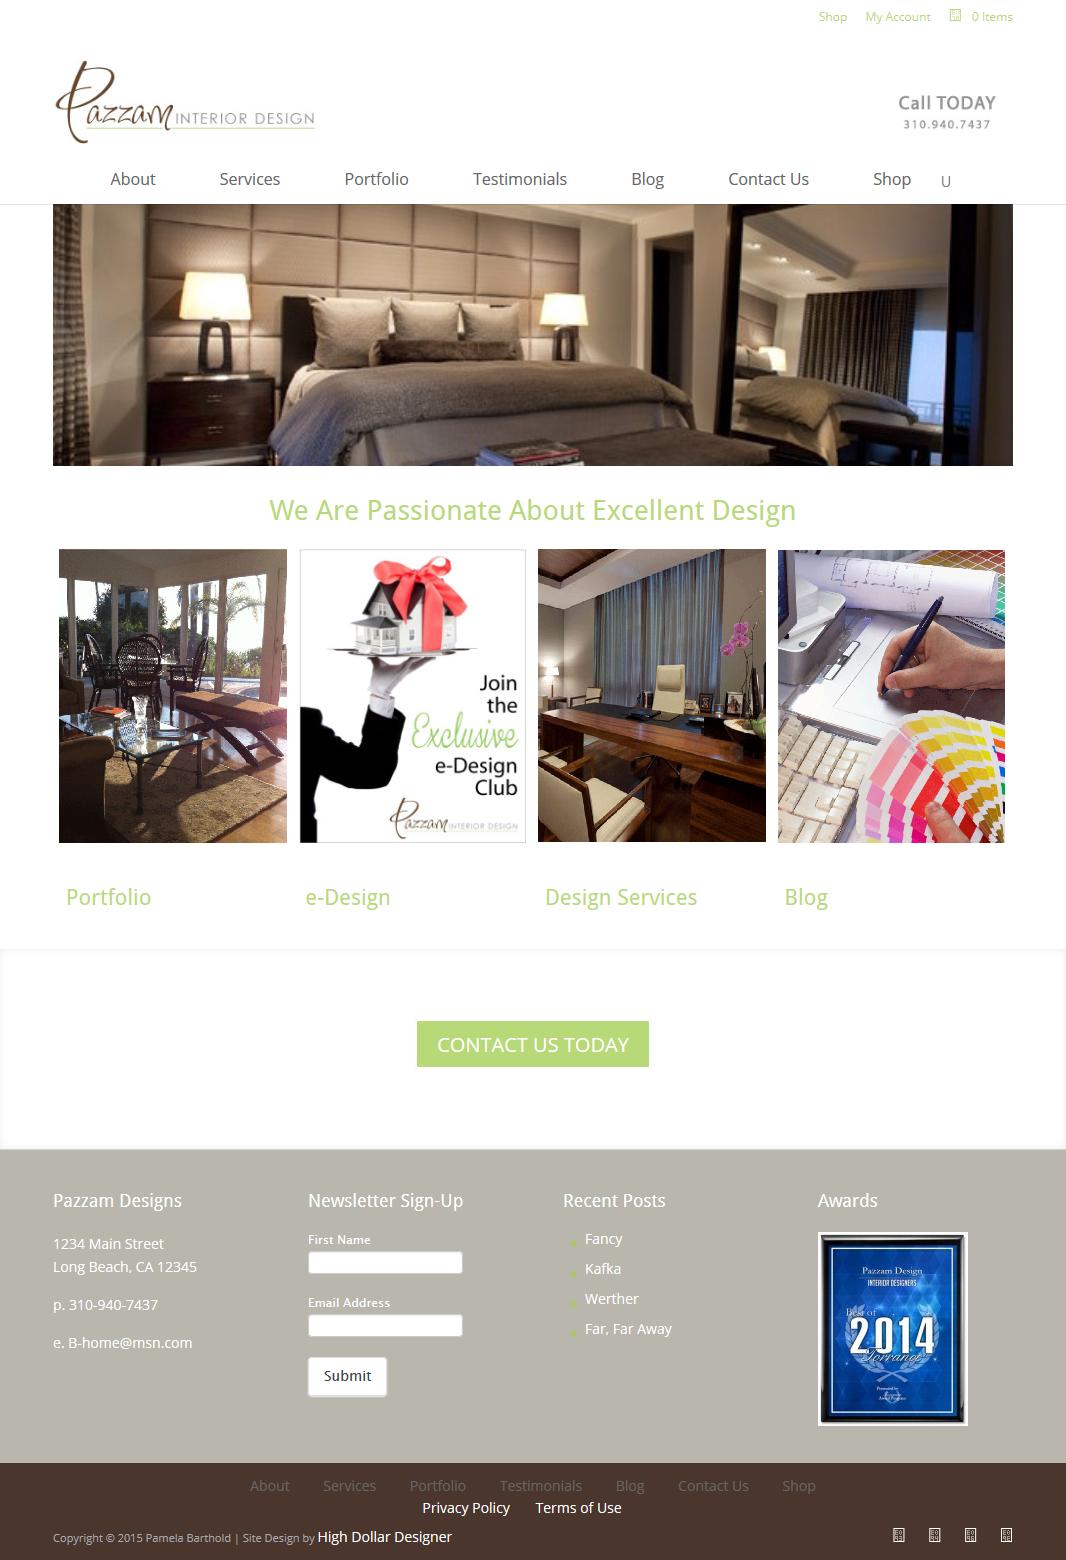 Pazzam Interior Design Website Design